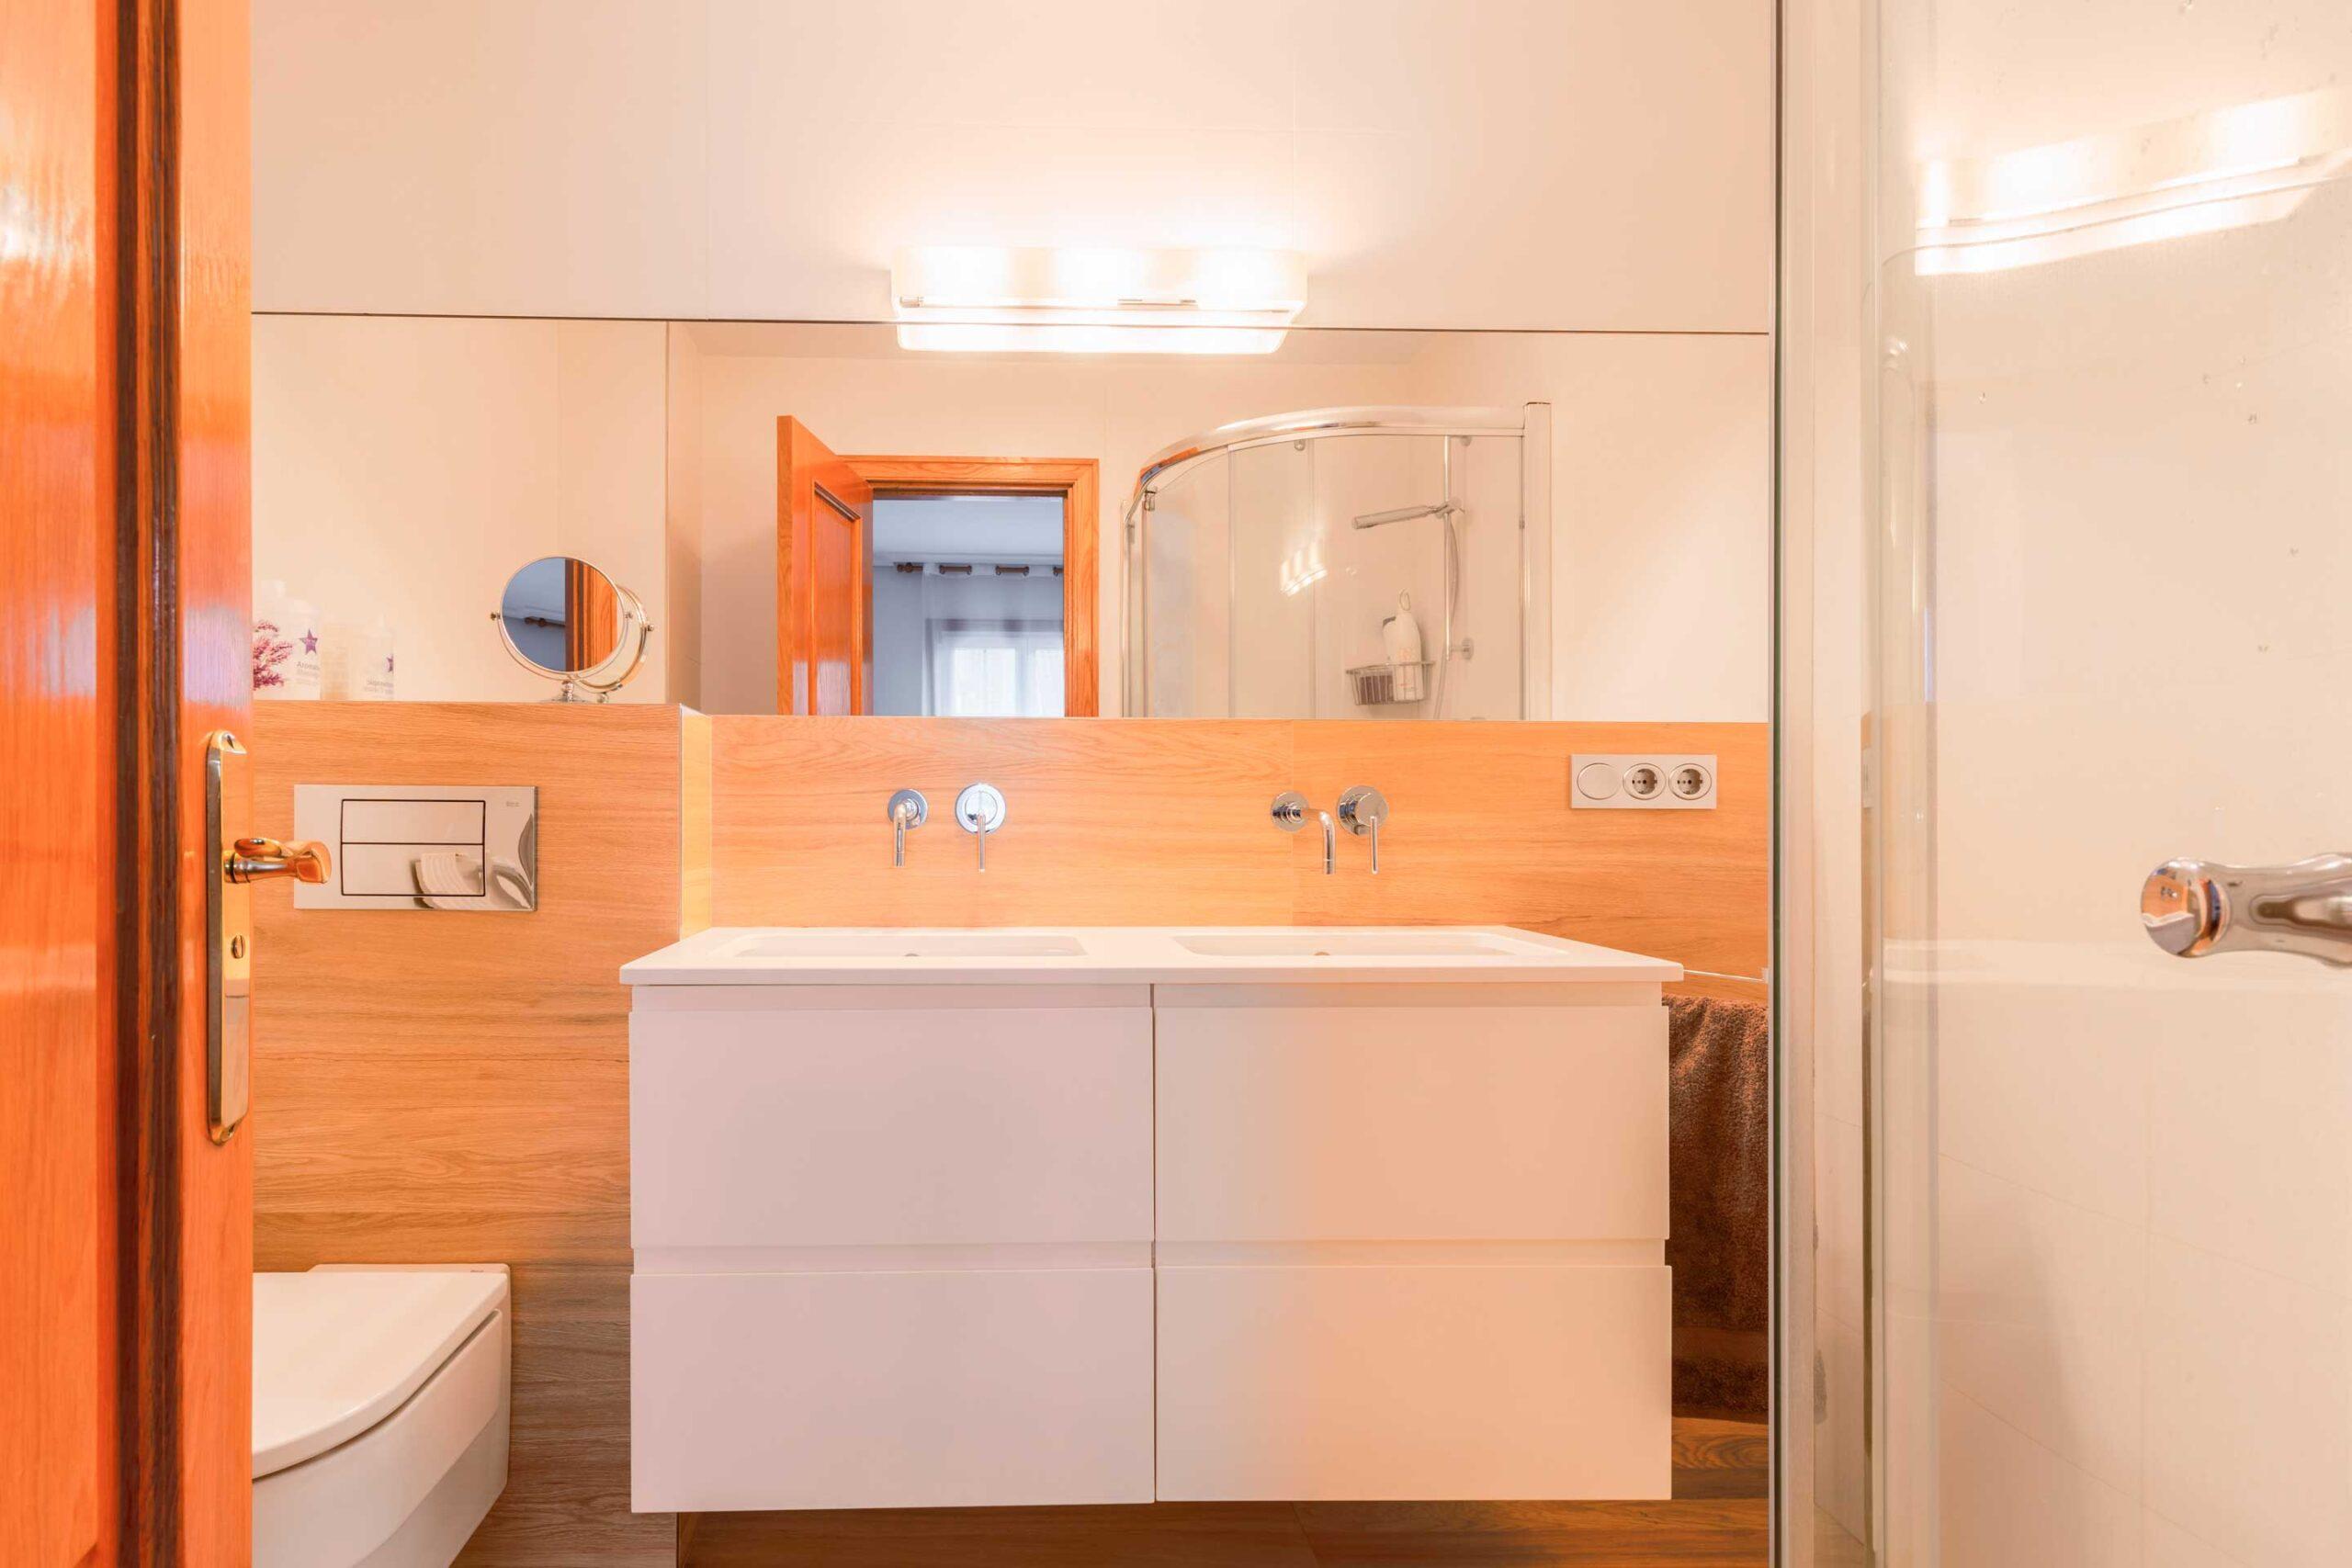 Casa en Irun - Fotografía de interiores